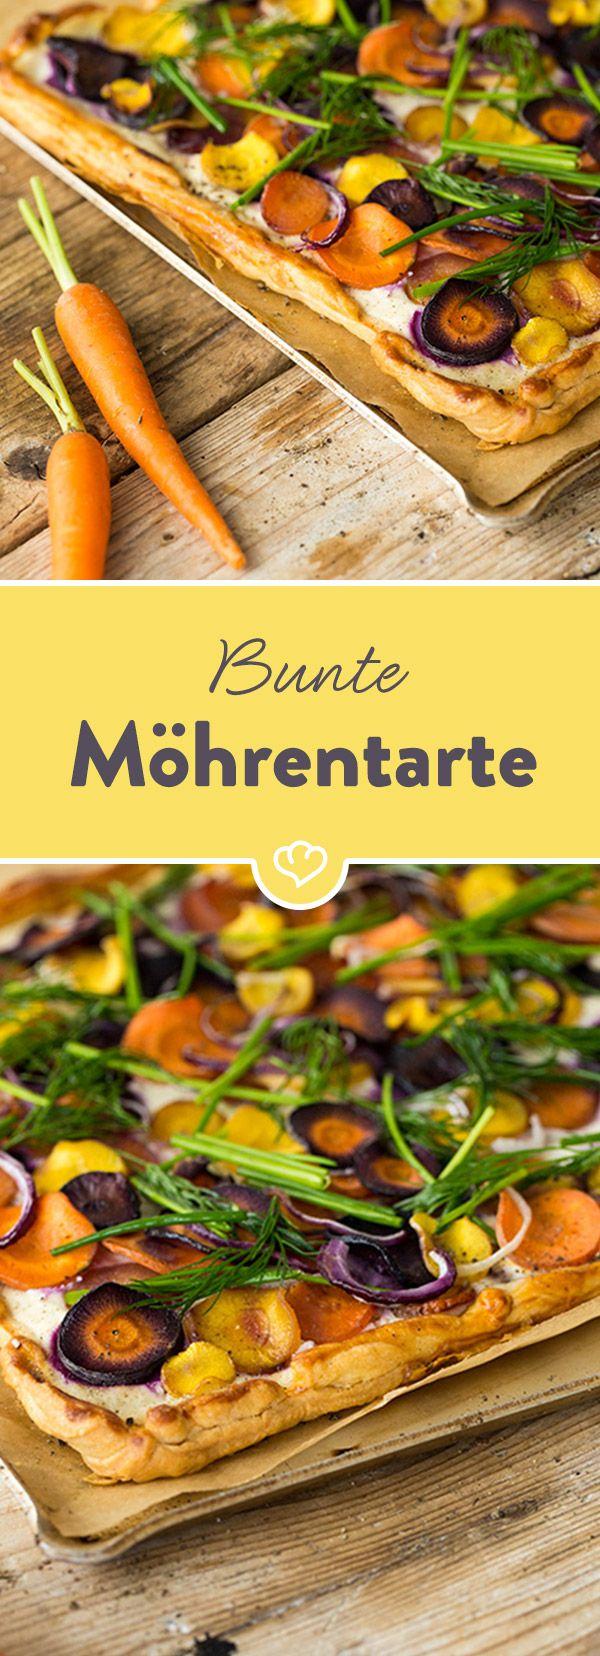 Luftiger Blätterteig mit Ricotta, belegt mit einem bunten Möhren-Trio und frischen Kräutern - für diese Tarte wirst du jede Pizza stehen lassen!